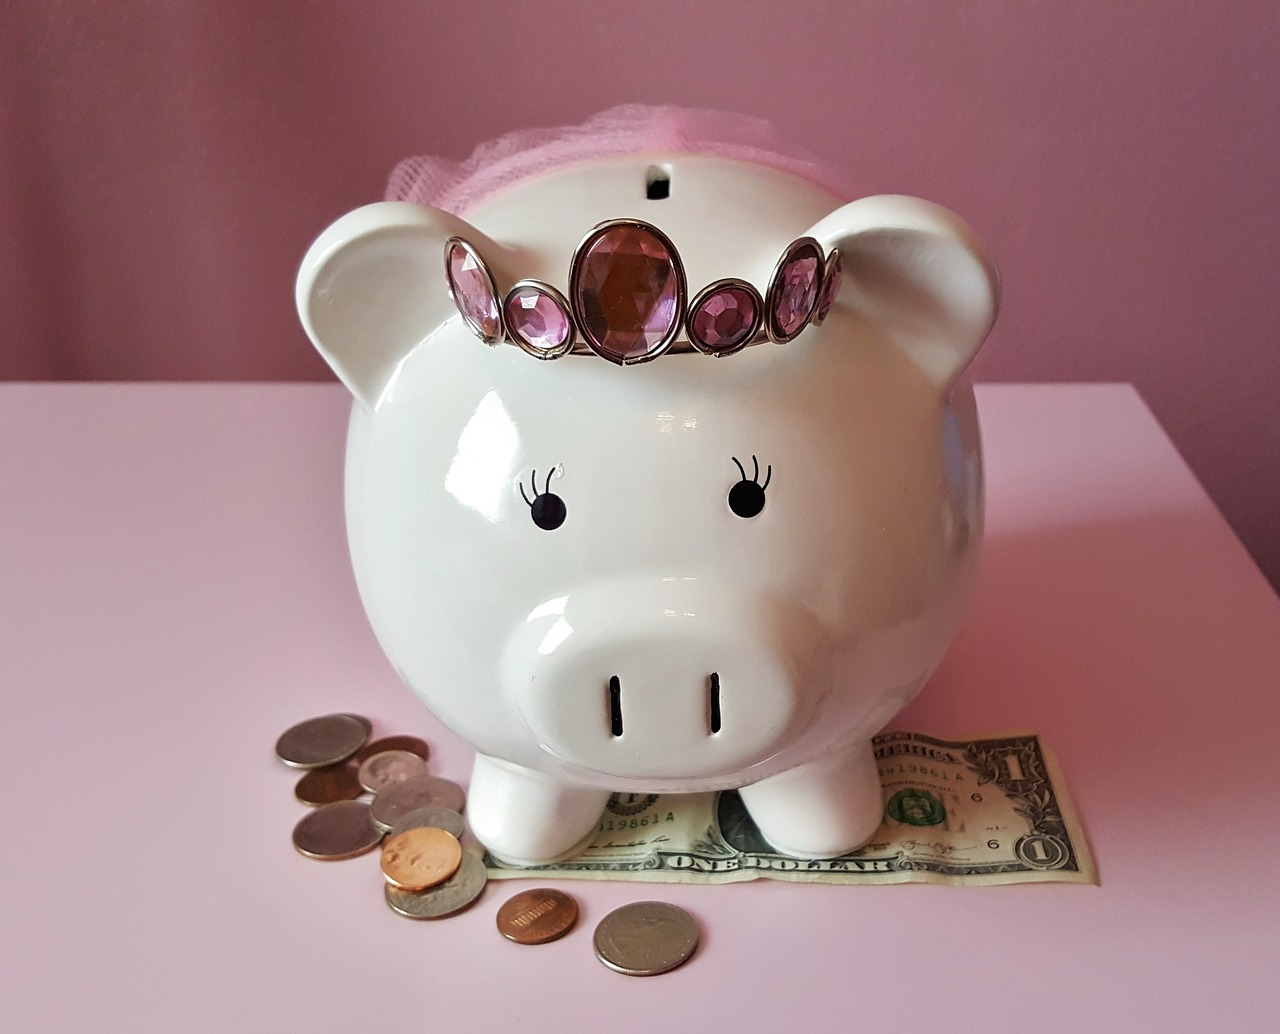 カップルで貯金する場合|ストレスなく貯められる口座を分け方